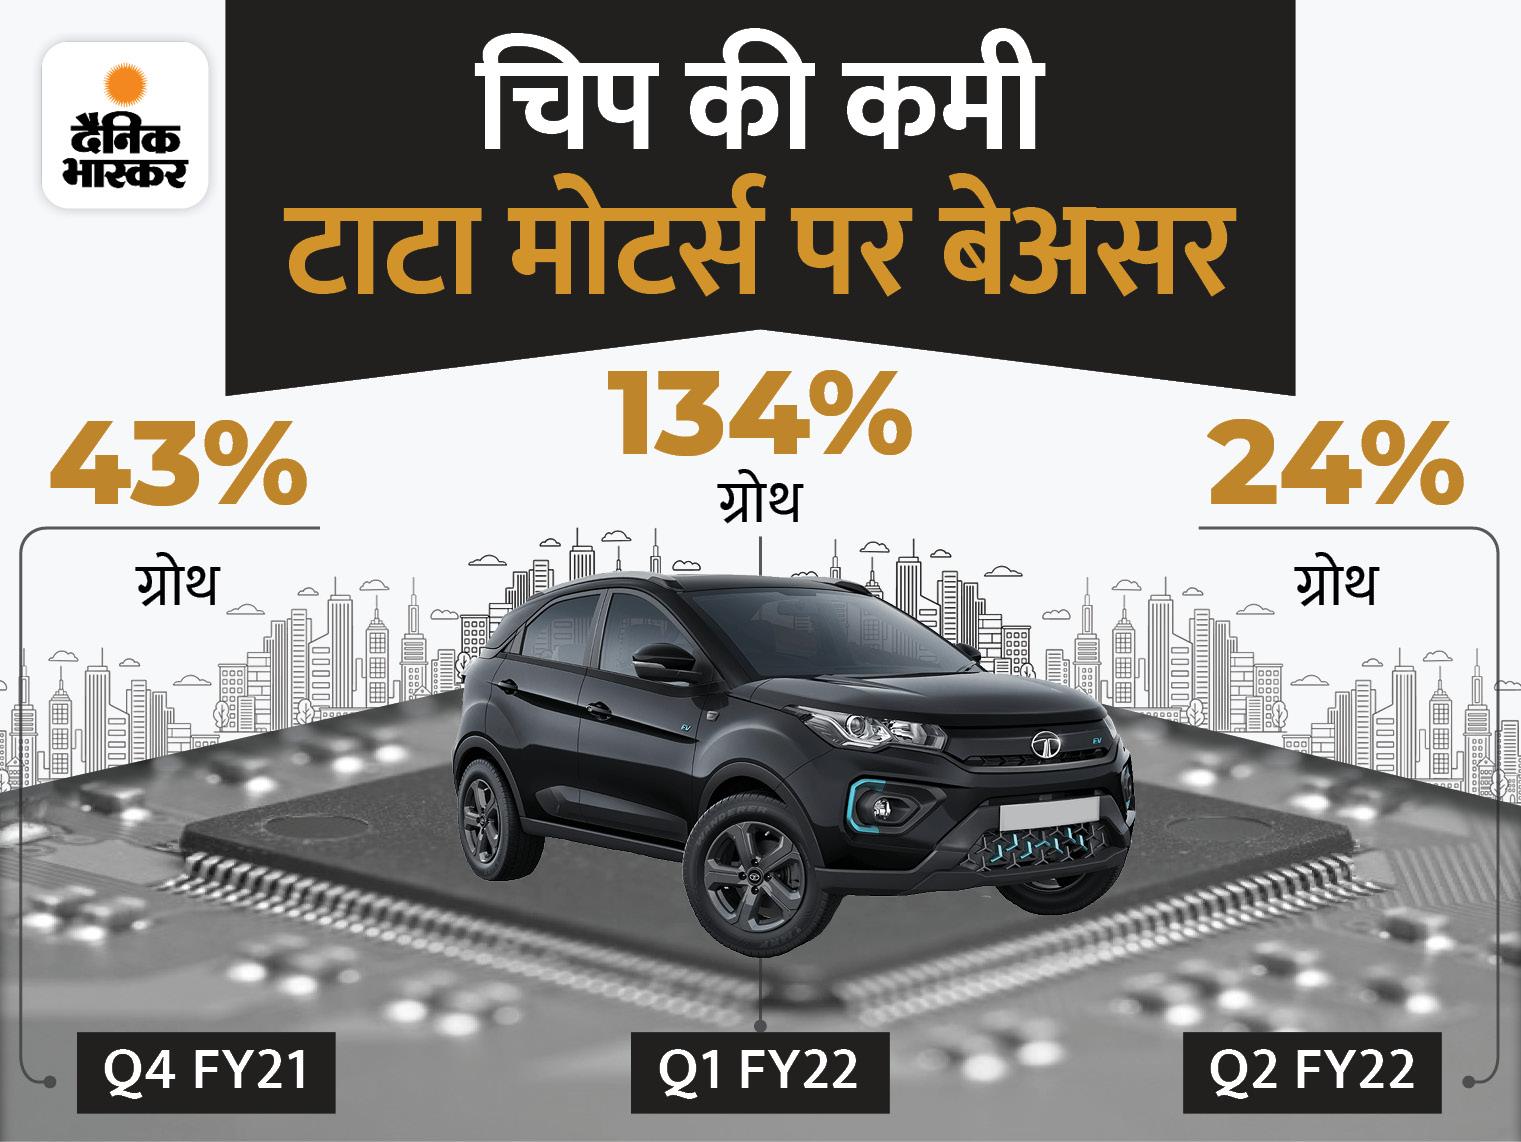 कंपनी पर नहीं पड़ा चिप की कमी का असर, जुलाई-सितंबर तिमाही में ग्लोबल सेल 24% बढ़ी|टेक & ऑटो,Tech & Auto - Dainik Bhaskar